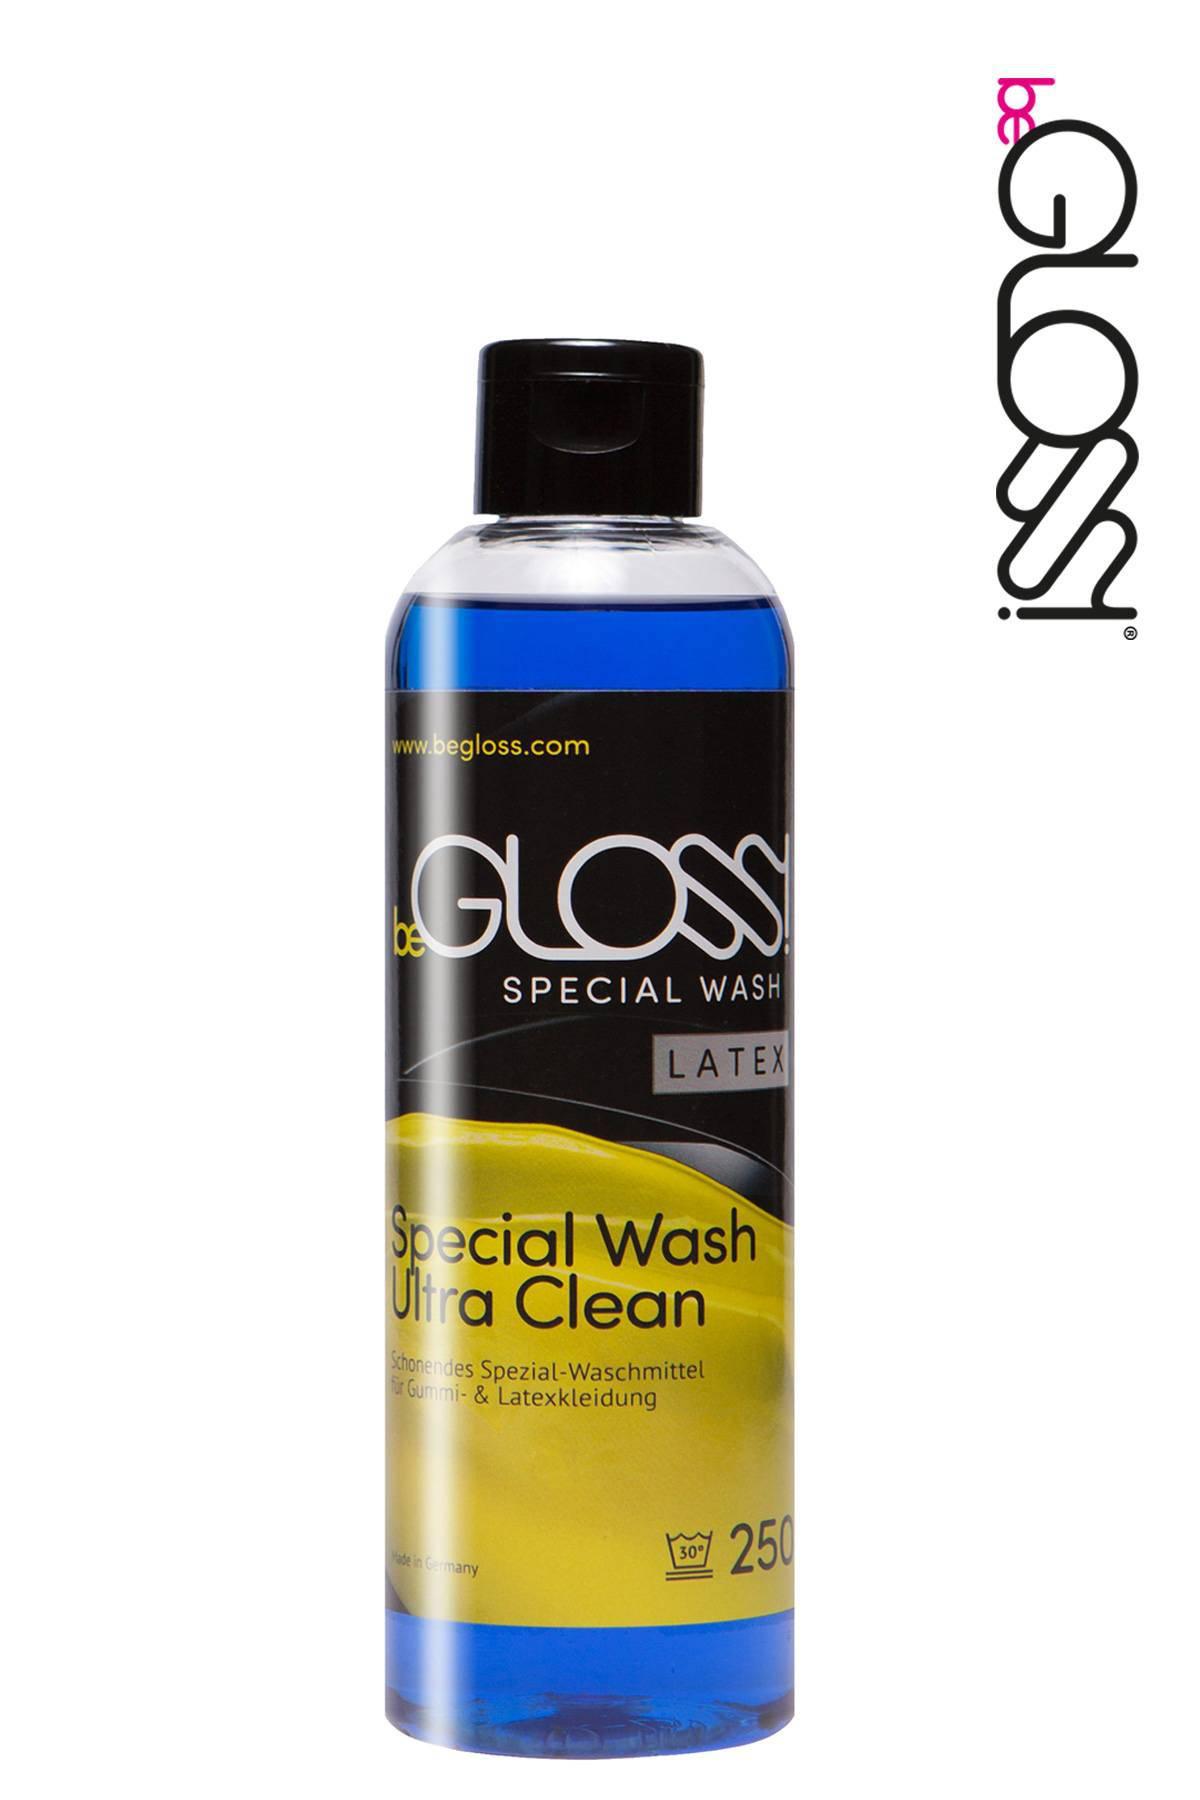 beGLOSS SPECIAL WASHLATEX - Special Wash & Ultra CleanSchonendes Spezial - Latex Waschmittel - der Pflege Reiniger das Latexpflege Waschmittel …